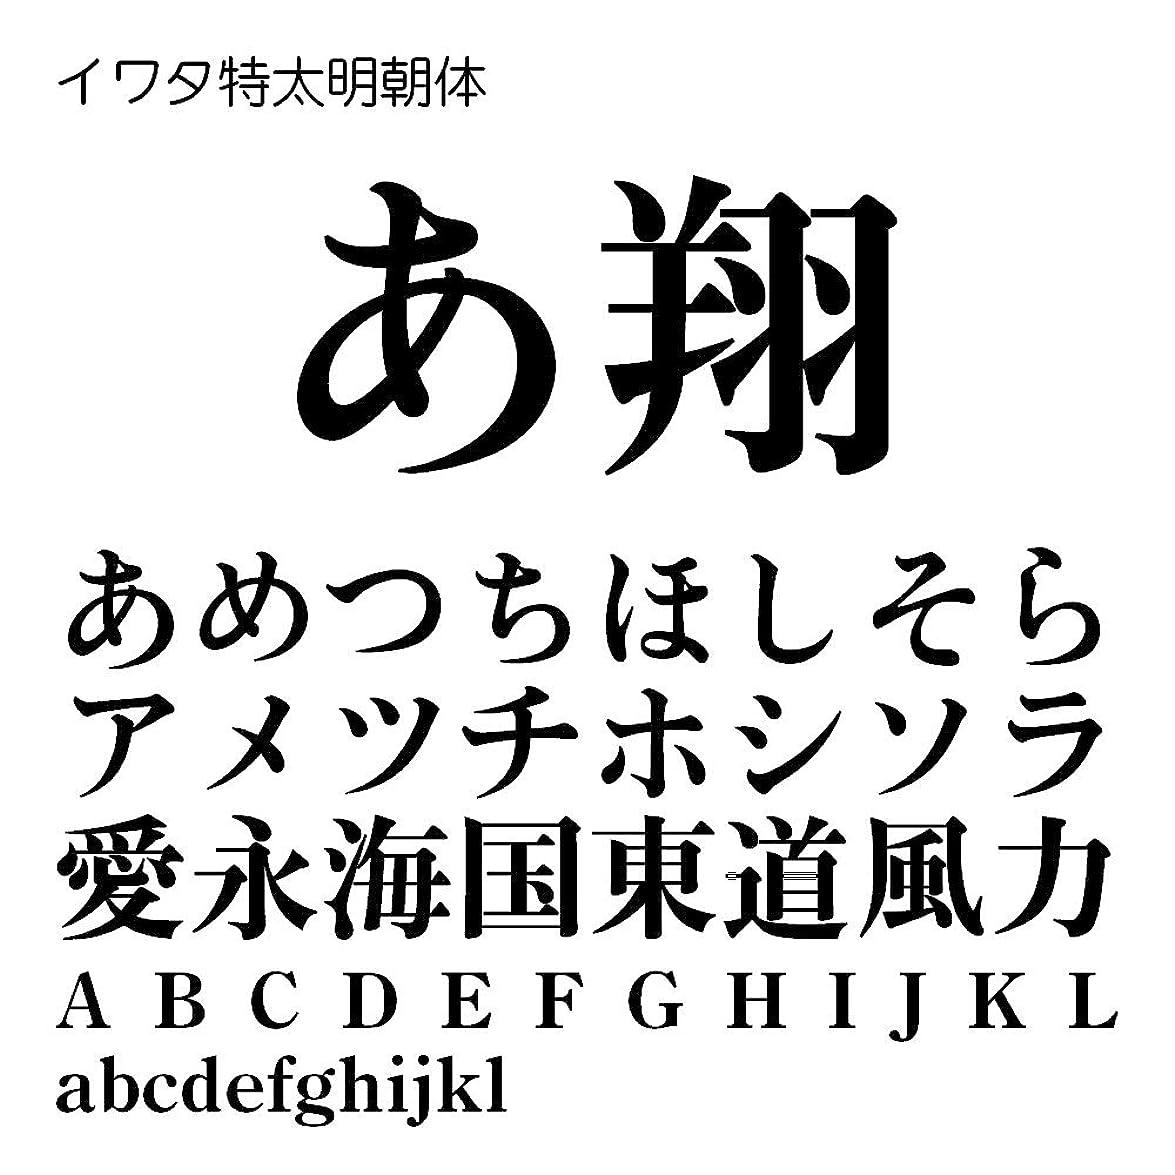 キャラクター悪意のあるゴミ箱イワタ特太明朝体Pro OpenType Font for Windows [ダウンロード]